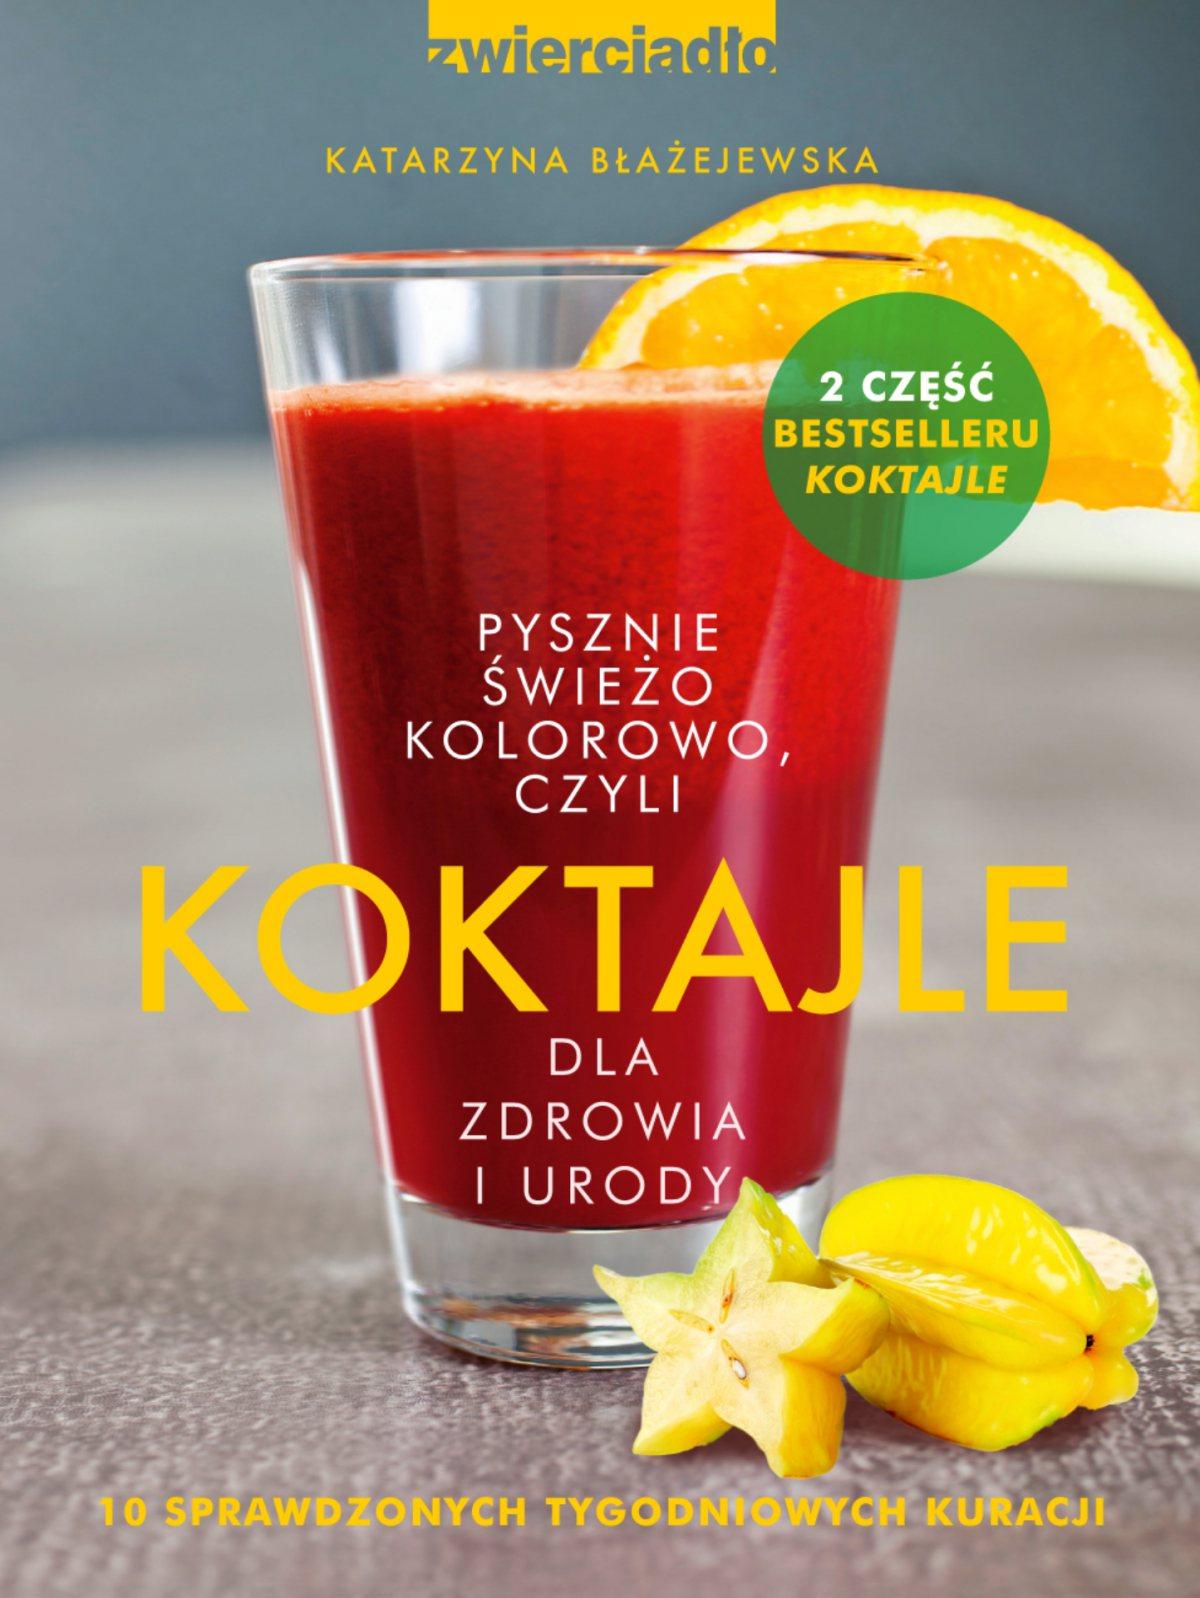 Koktajle dla zdrowia i urody czyli pysznie, świeżo, kolorowo - Ebook (Książka EPUB) do pobrania w formacie EPUB